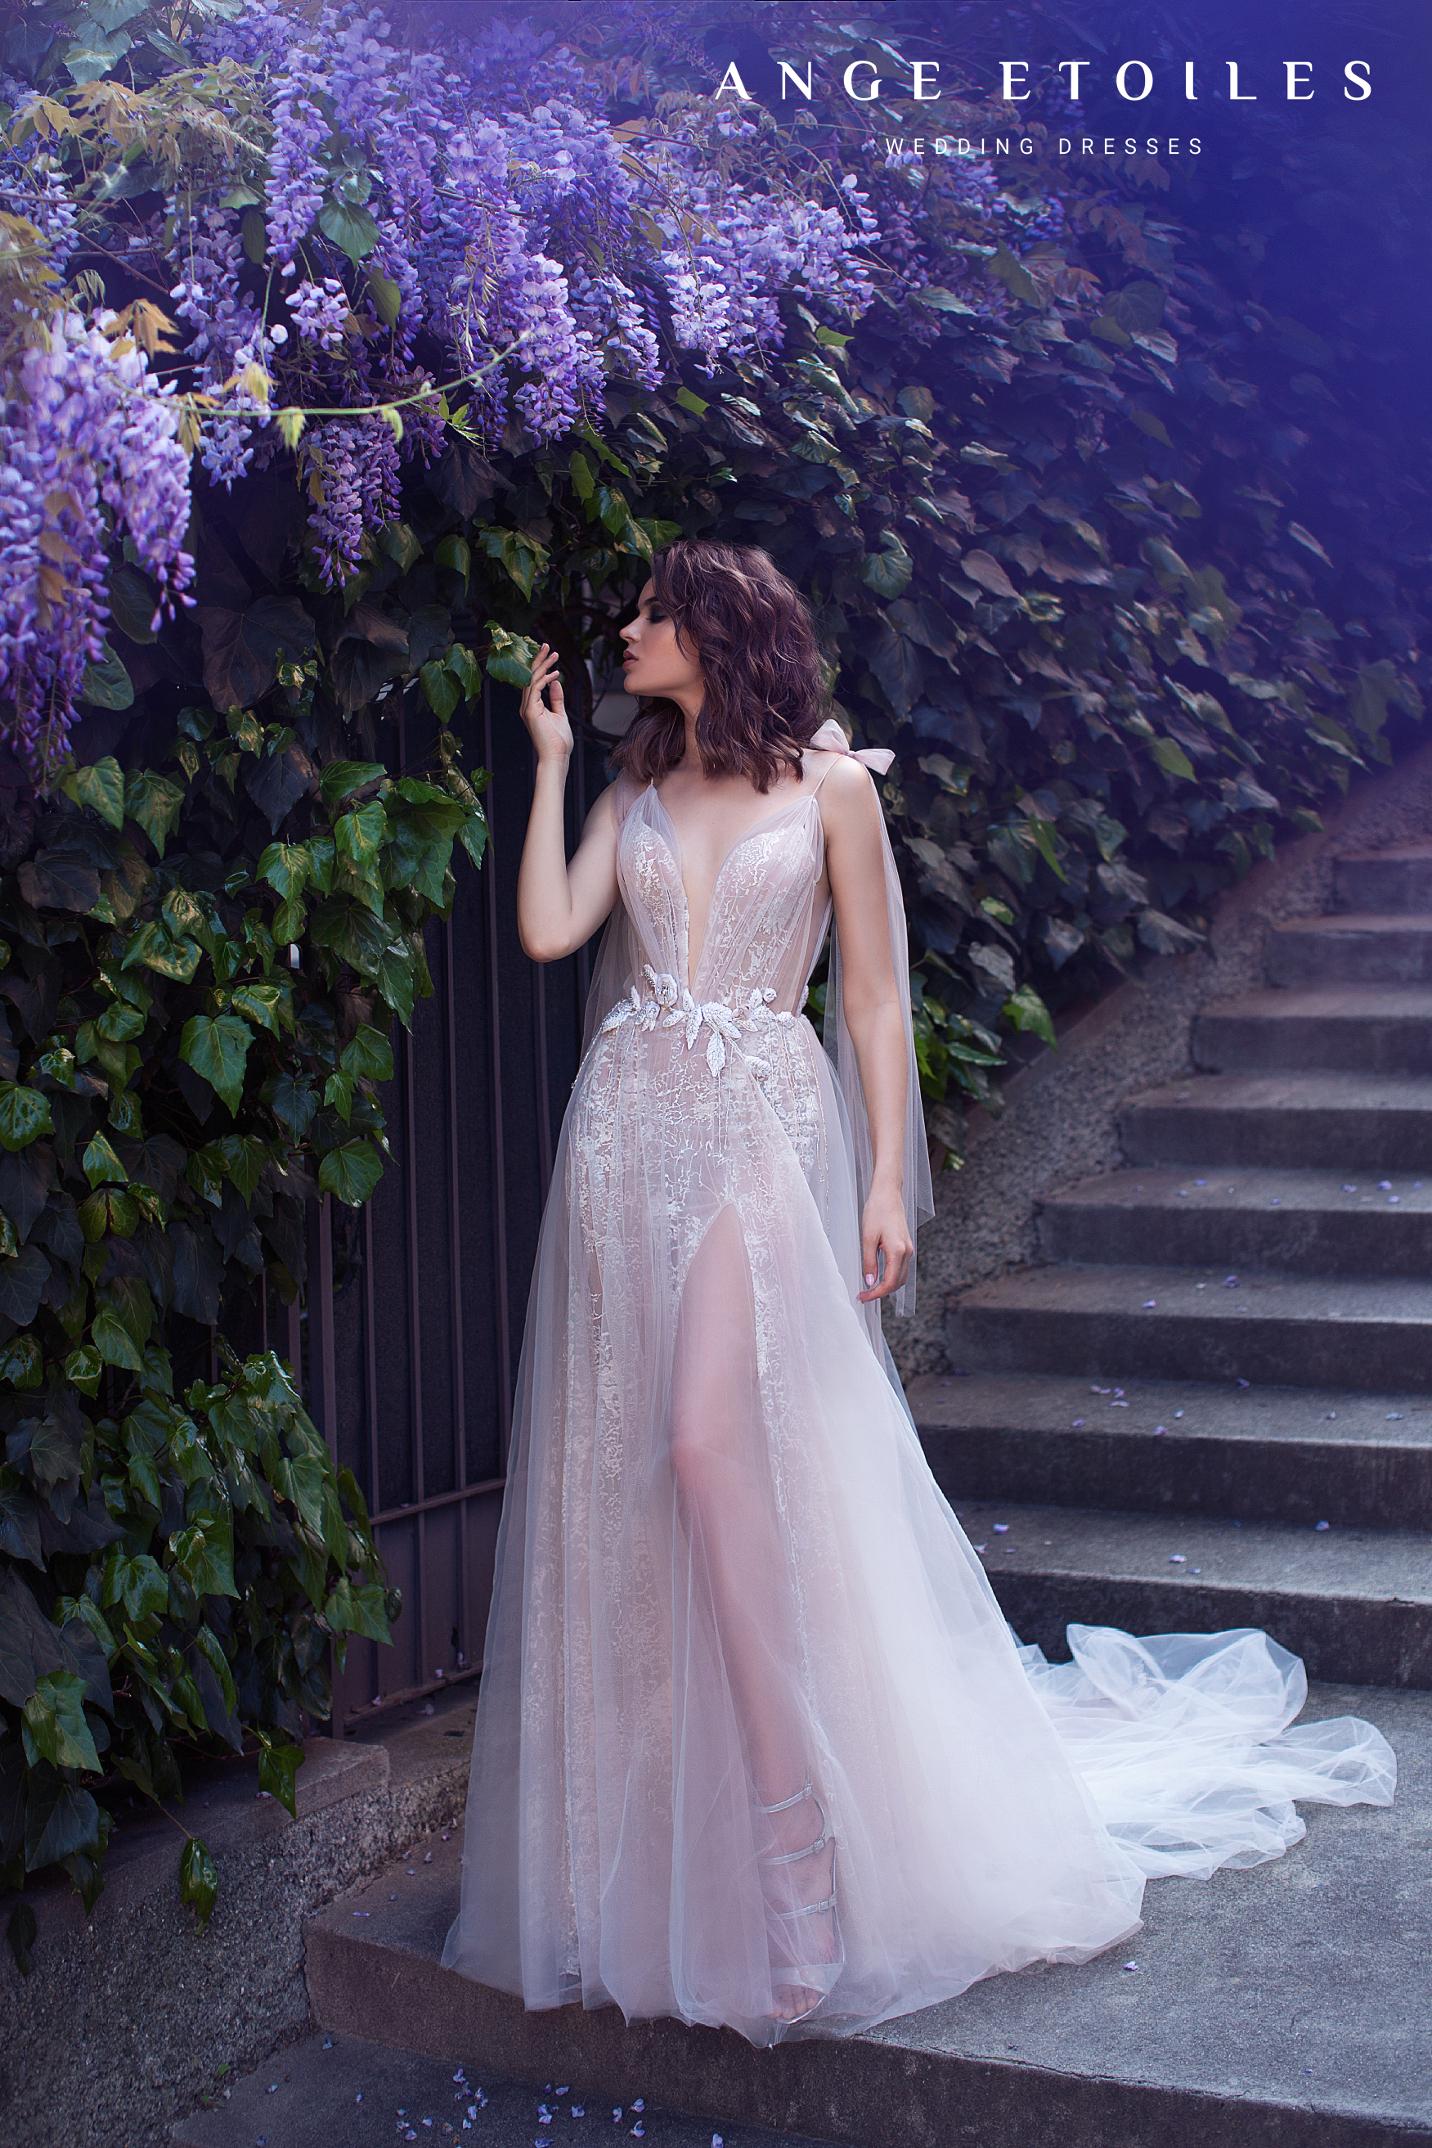 vestuvine-suknele-ange-etoiles-afina